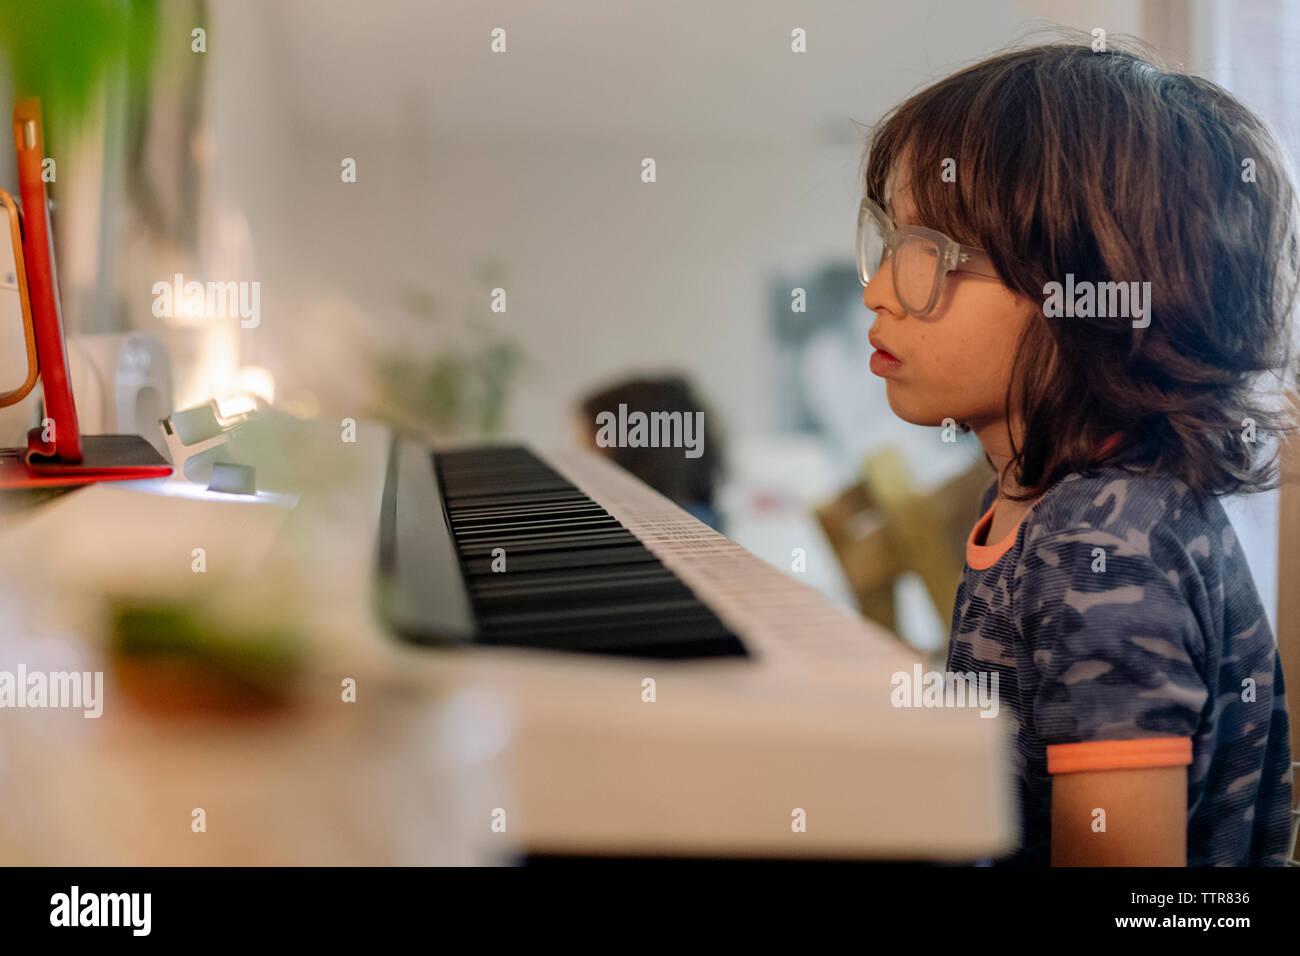 Vista lateral del niño con gafas mirando tableta smart piano keyword en casa Foto de stock